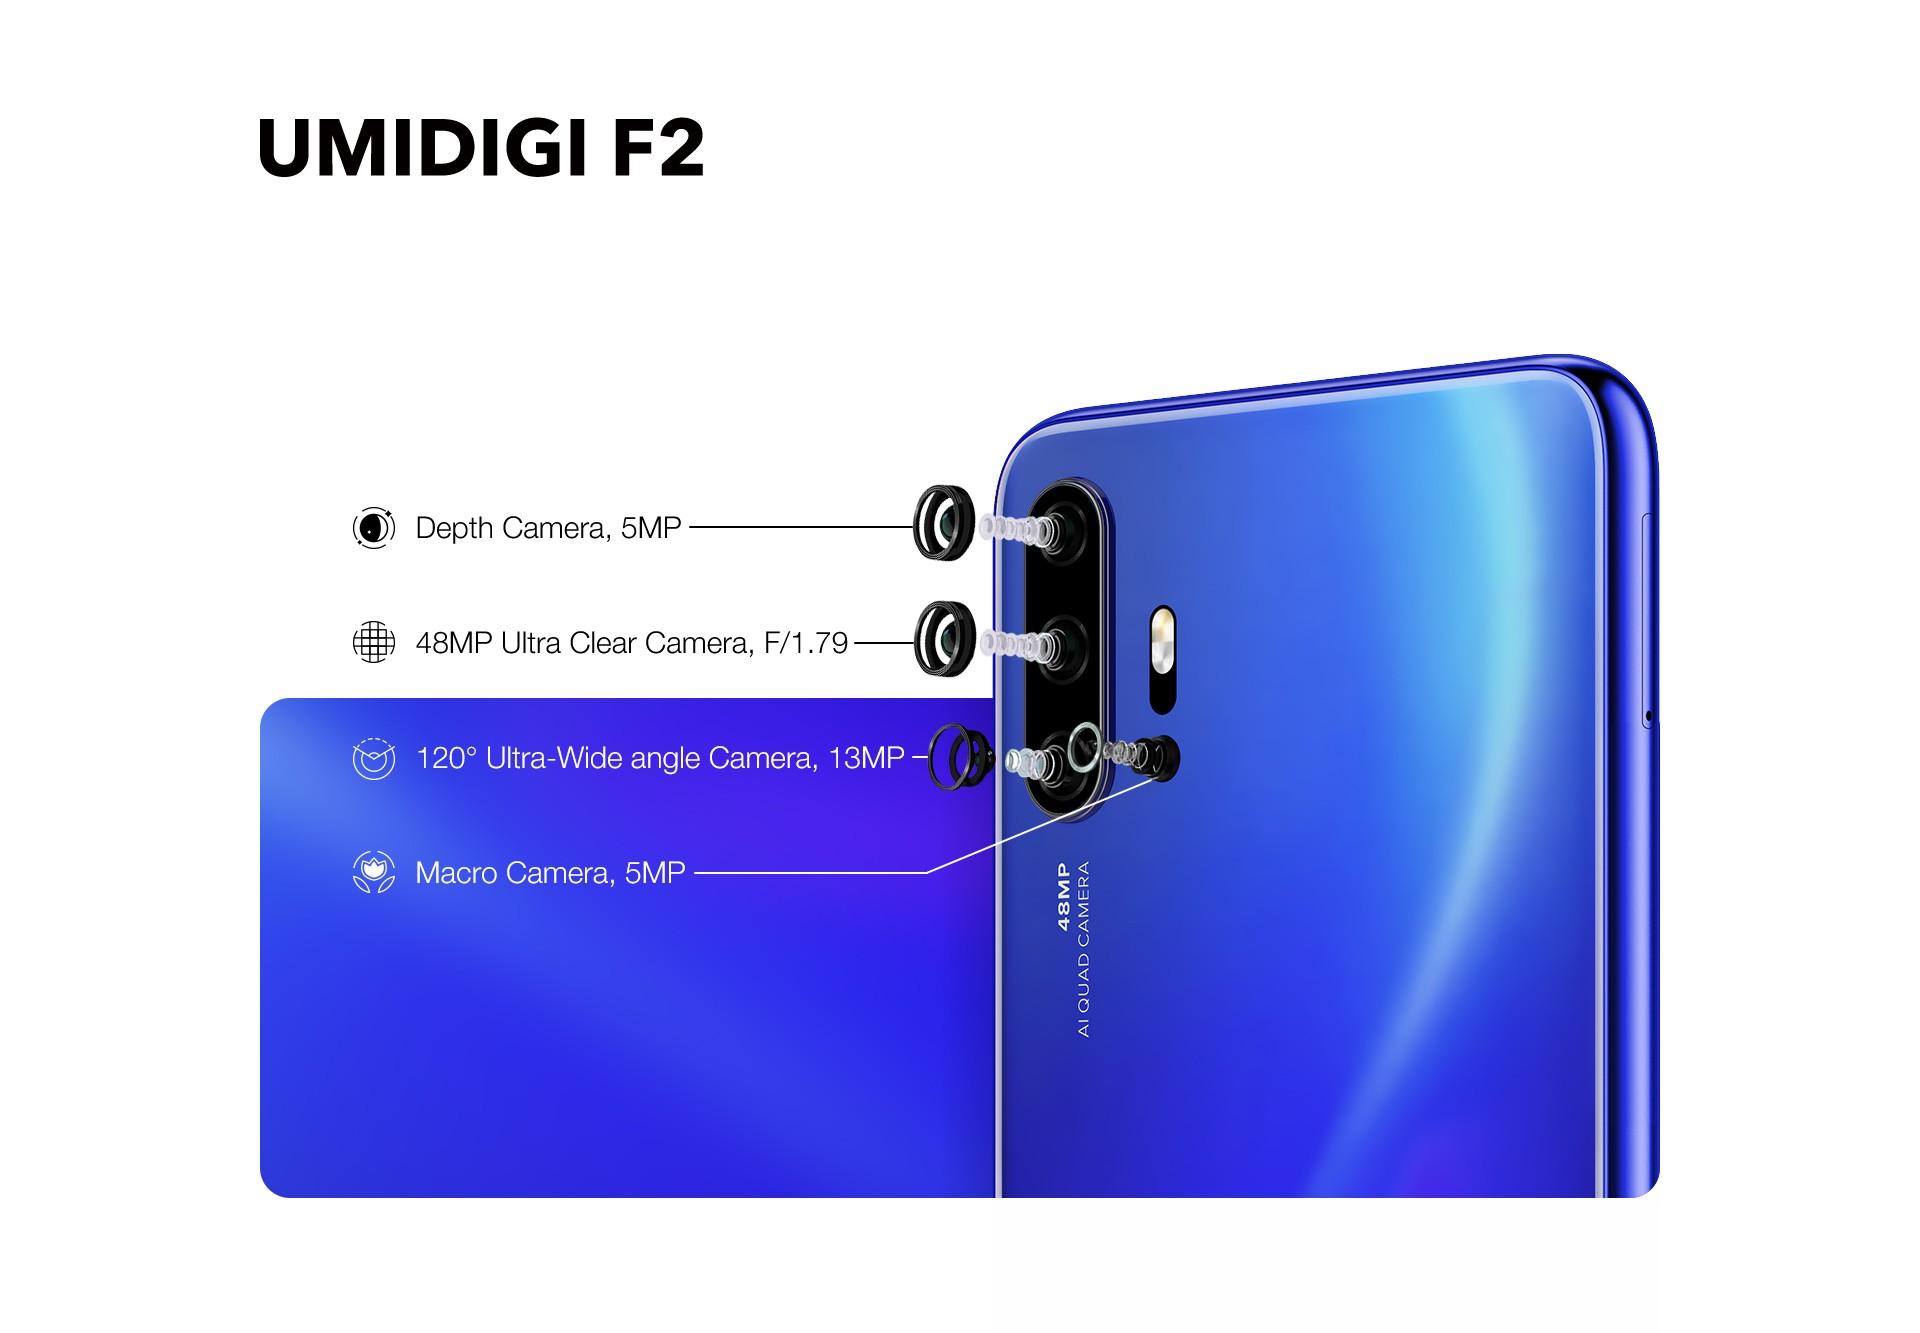 UMiDigi F2 Camera